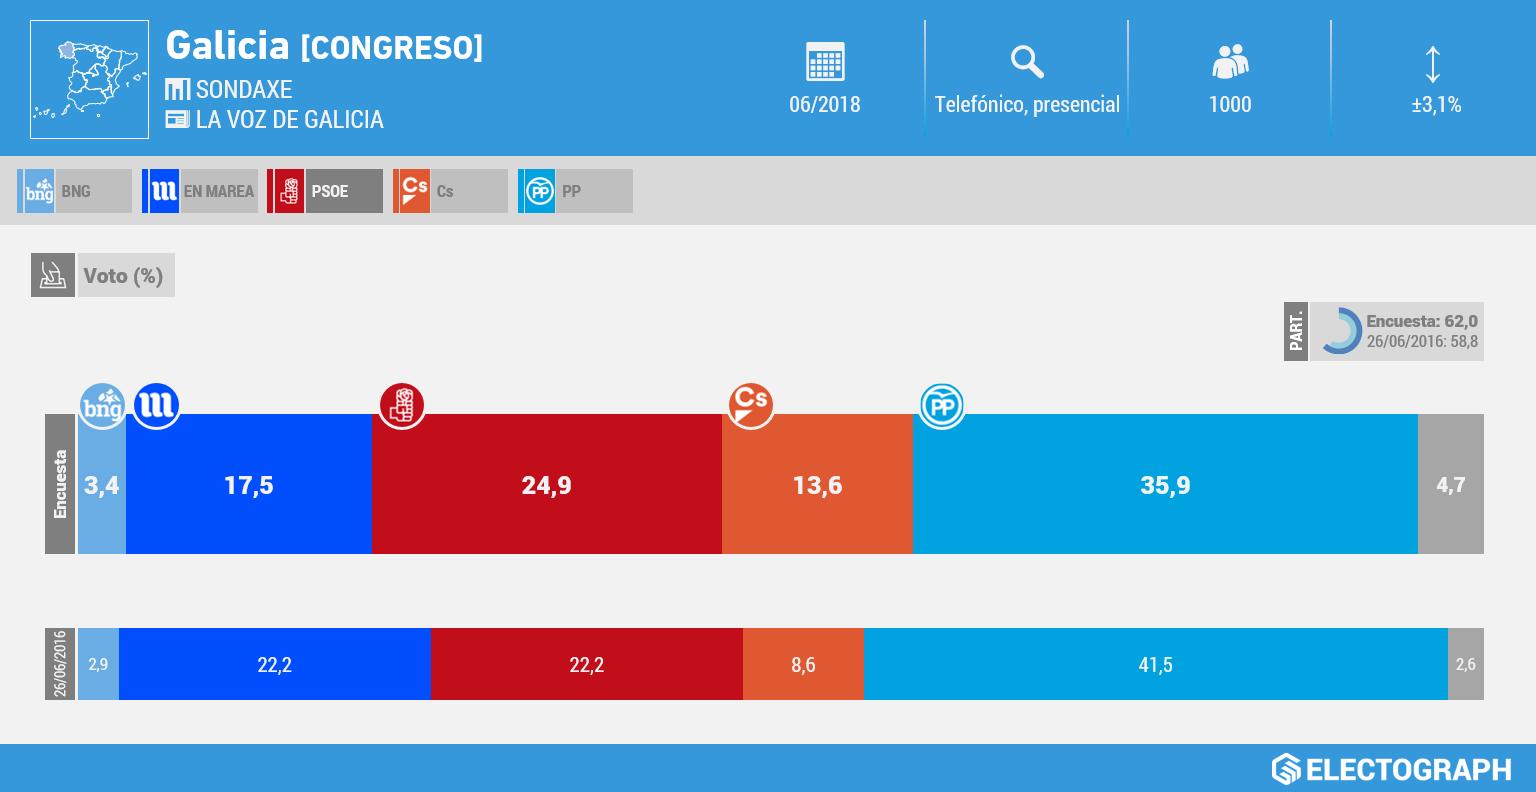 Gráfico de la encuesta para elecciones generales en Galicia realizada por Sondaxe para La Voz de Galicia en junio de 2018